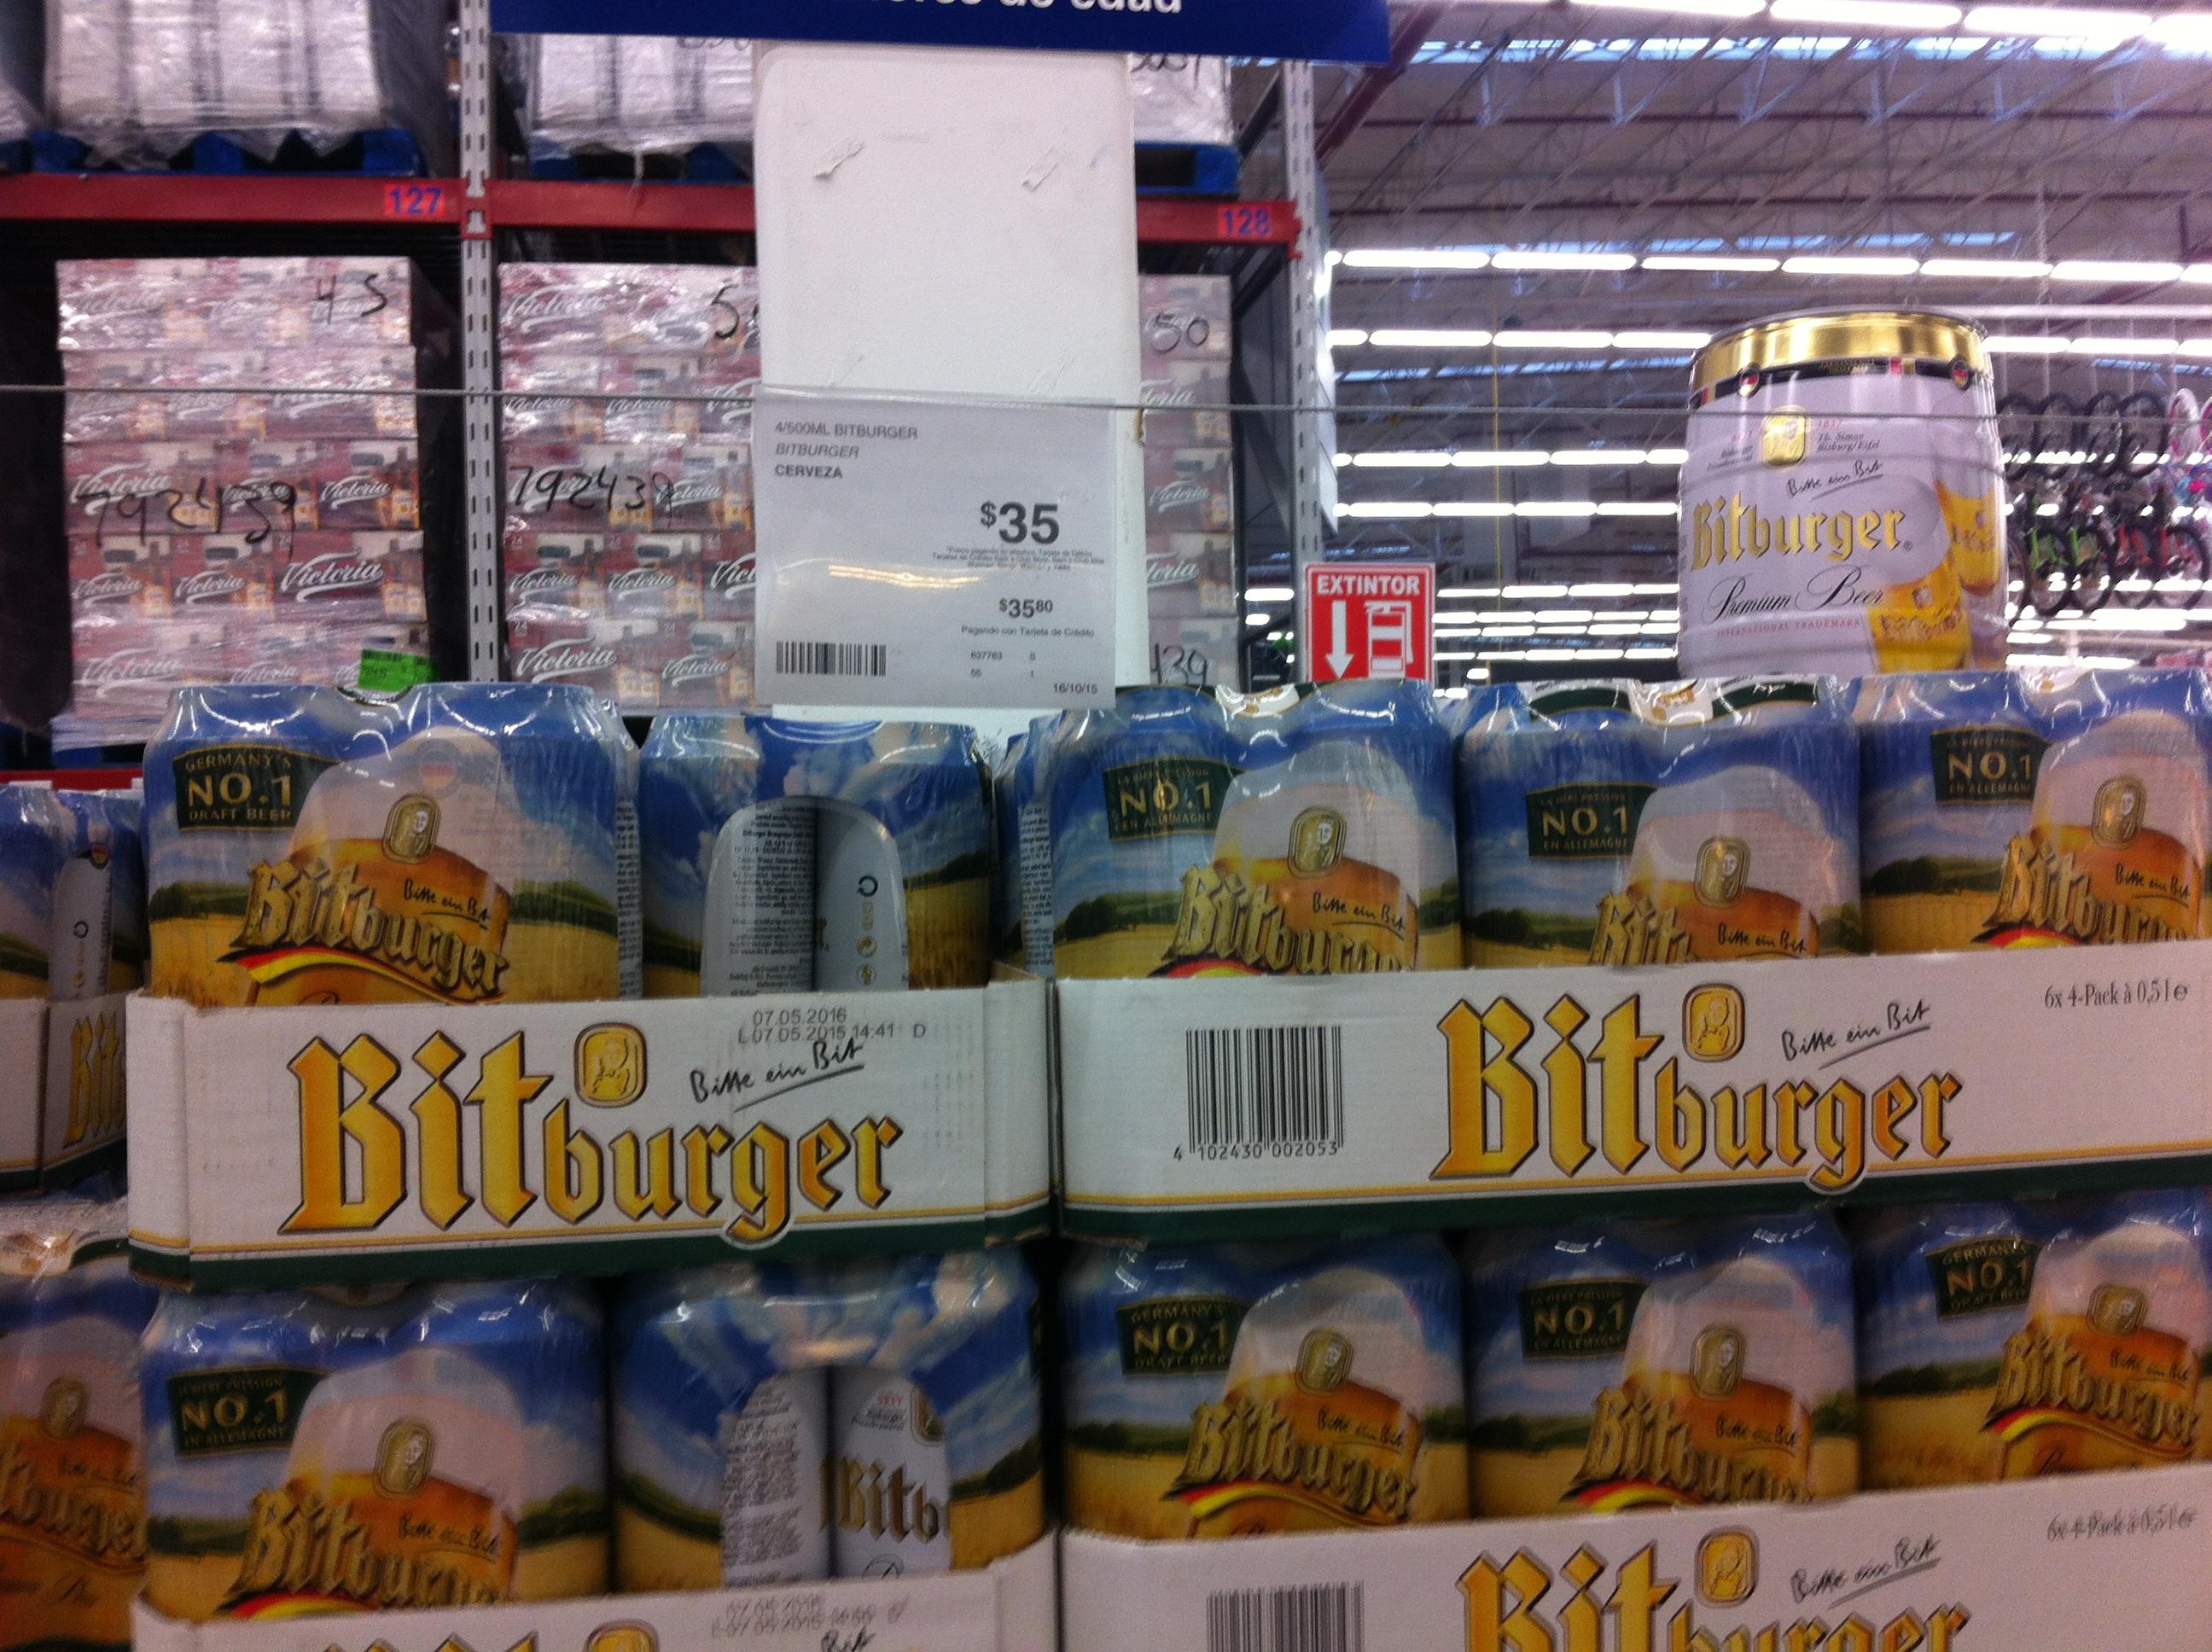 Cerveza Alemana Bitburger 35 pesos en Sam's Club